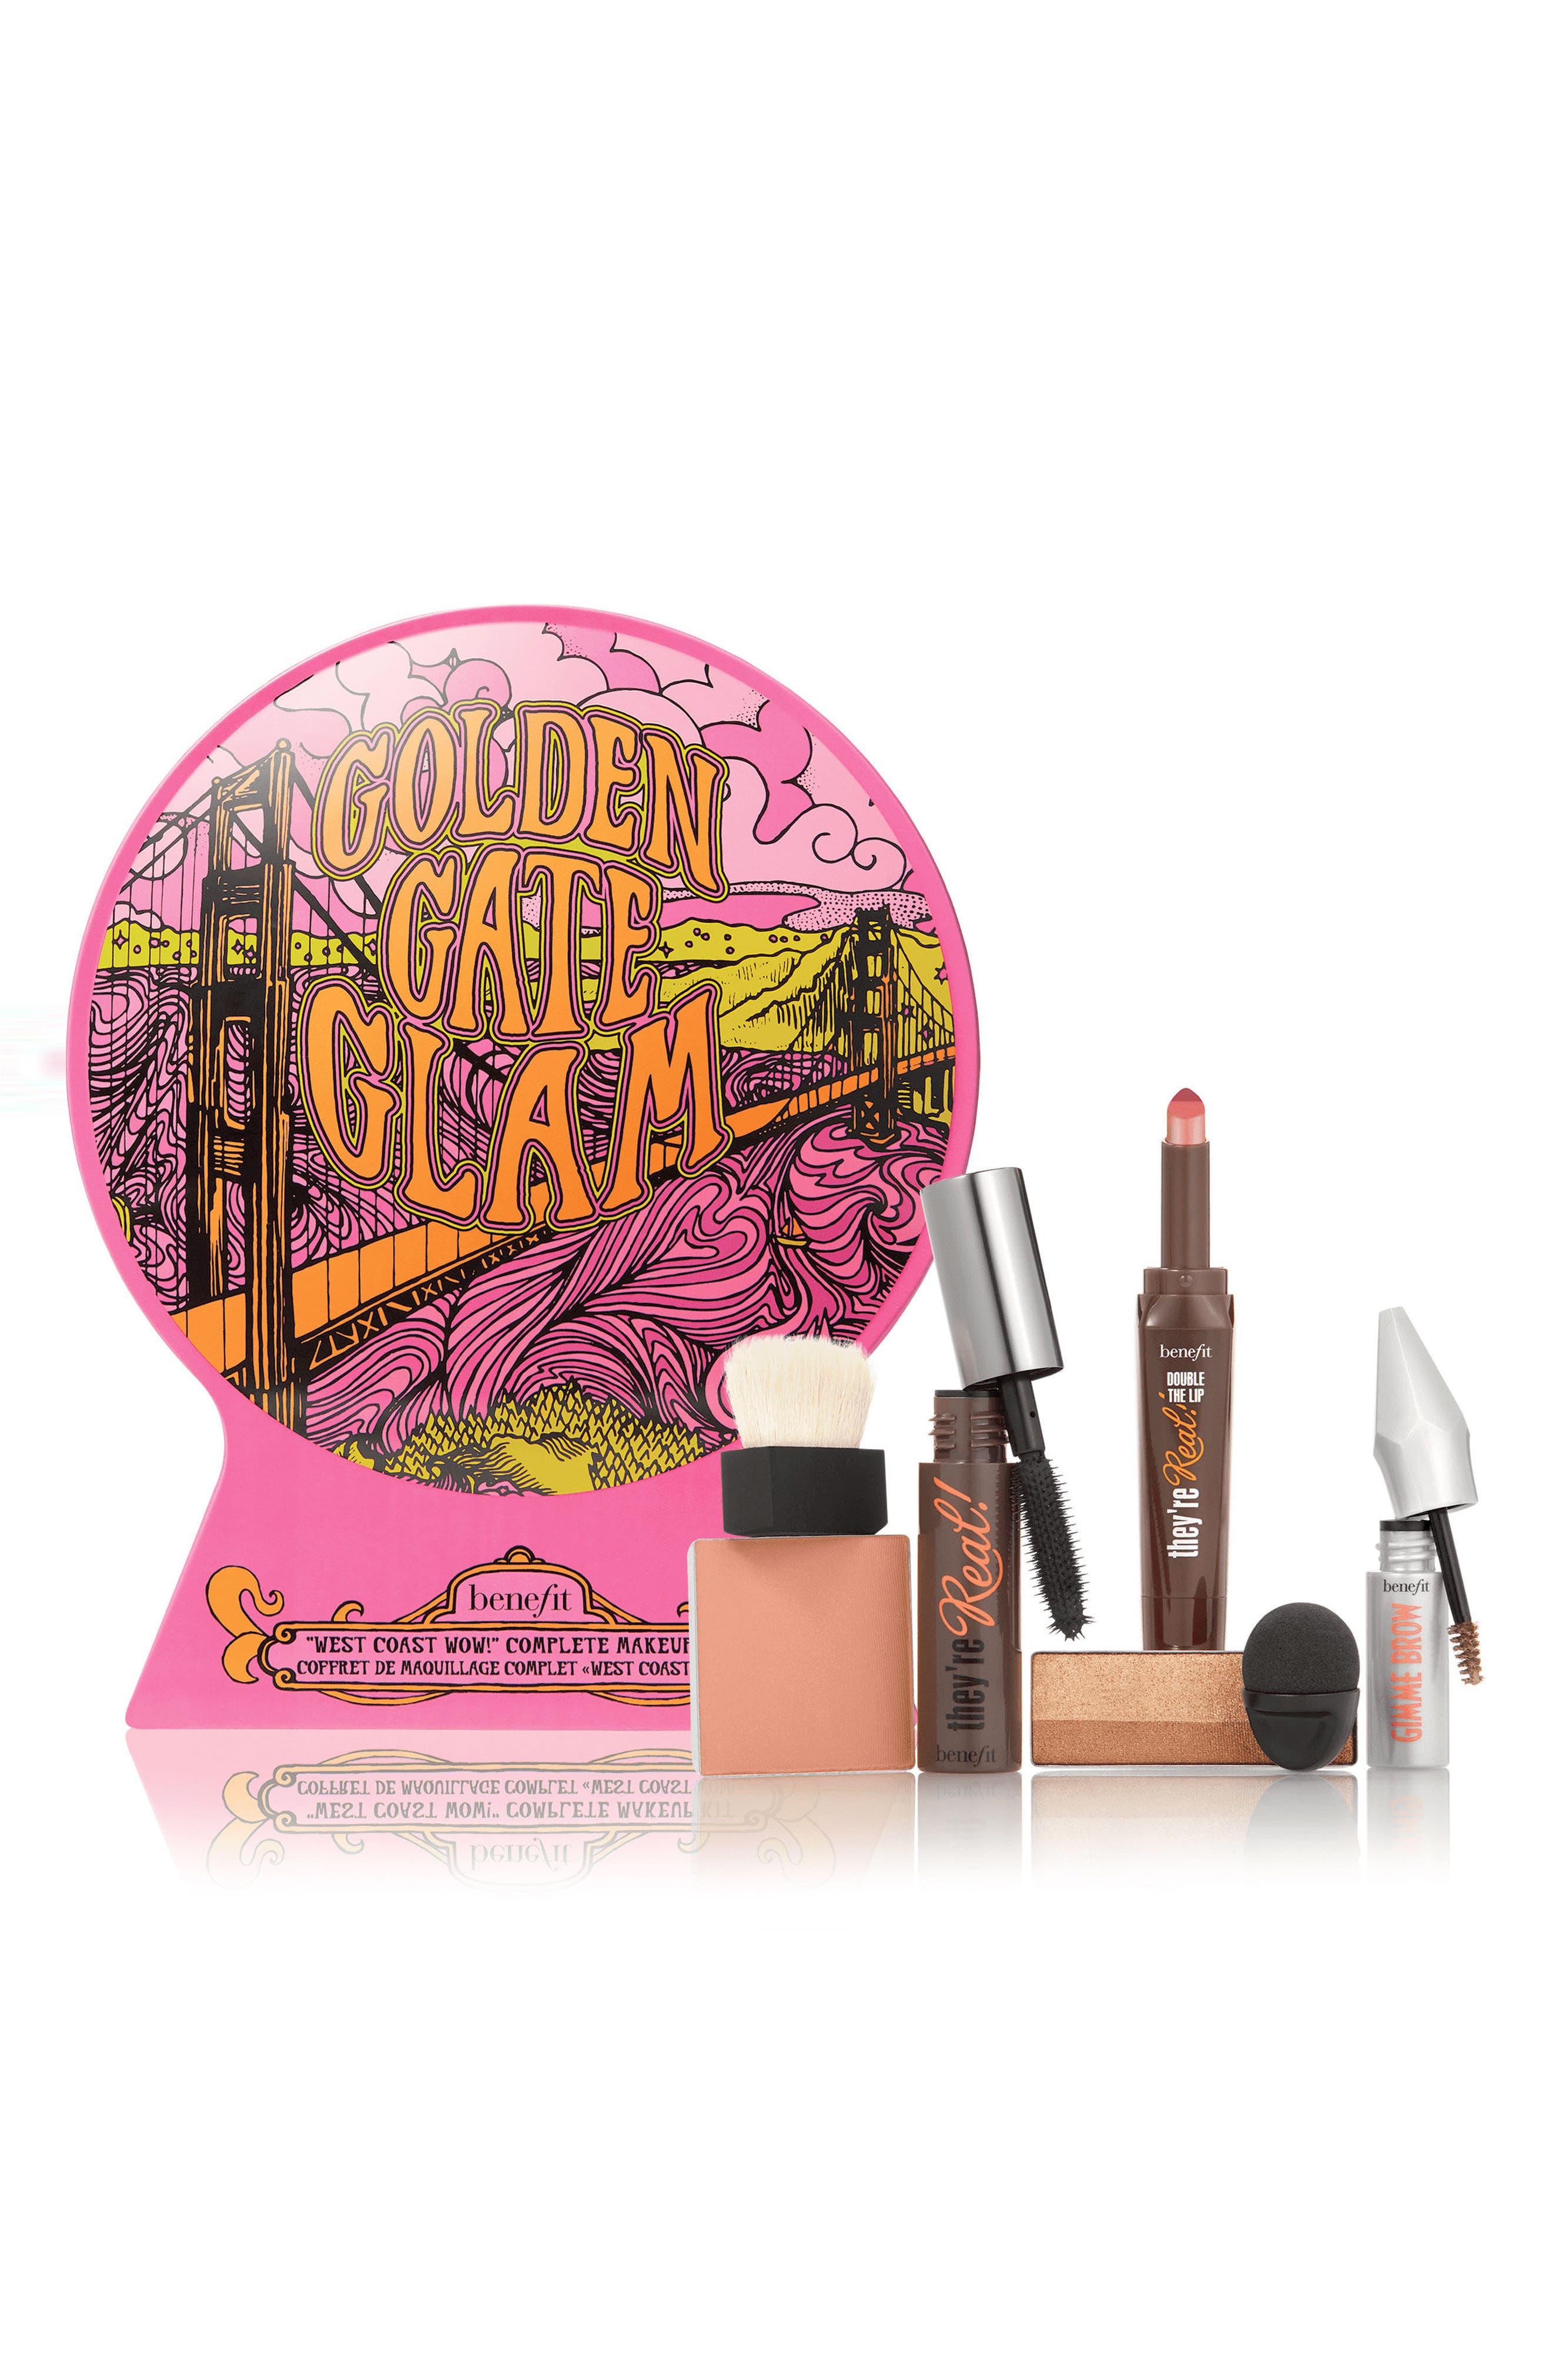 Alternate Image 1 Selected - Benefit Golden Gate Glam Complete Makeup Kit ($61 Value)